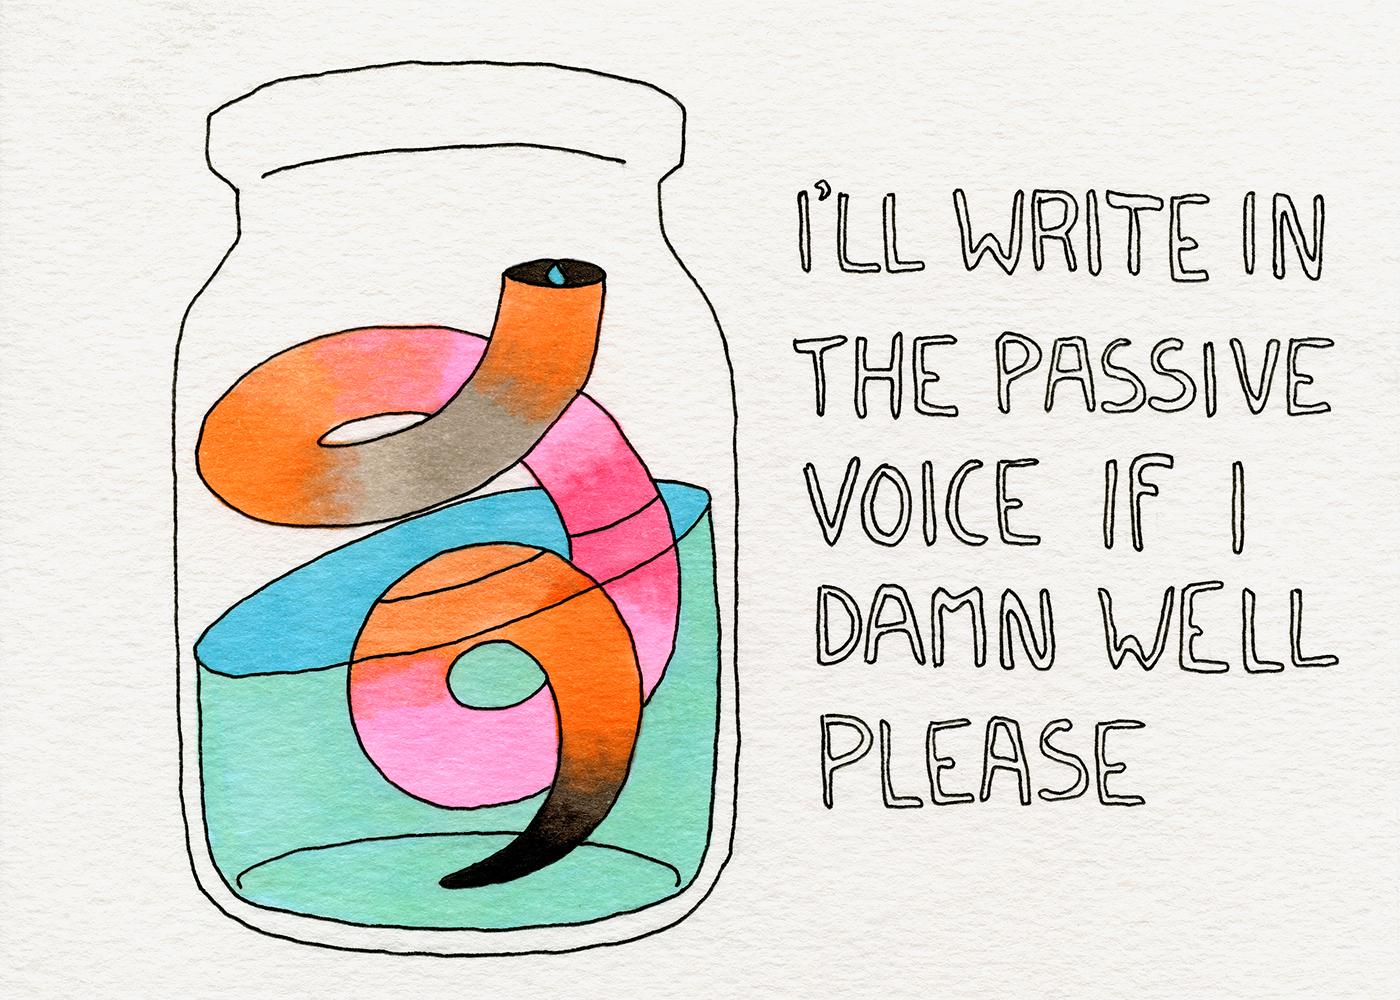 51_ill_write_in_the_passive_voice.jpg